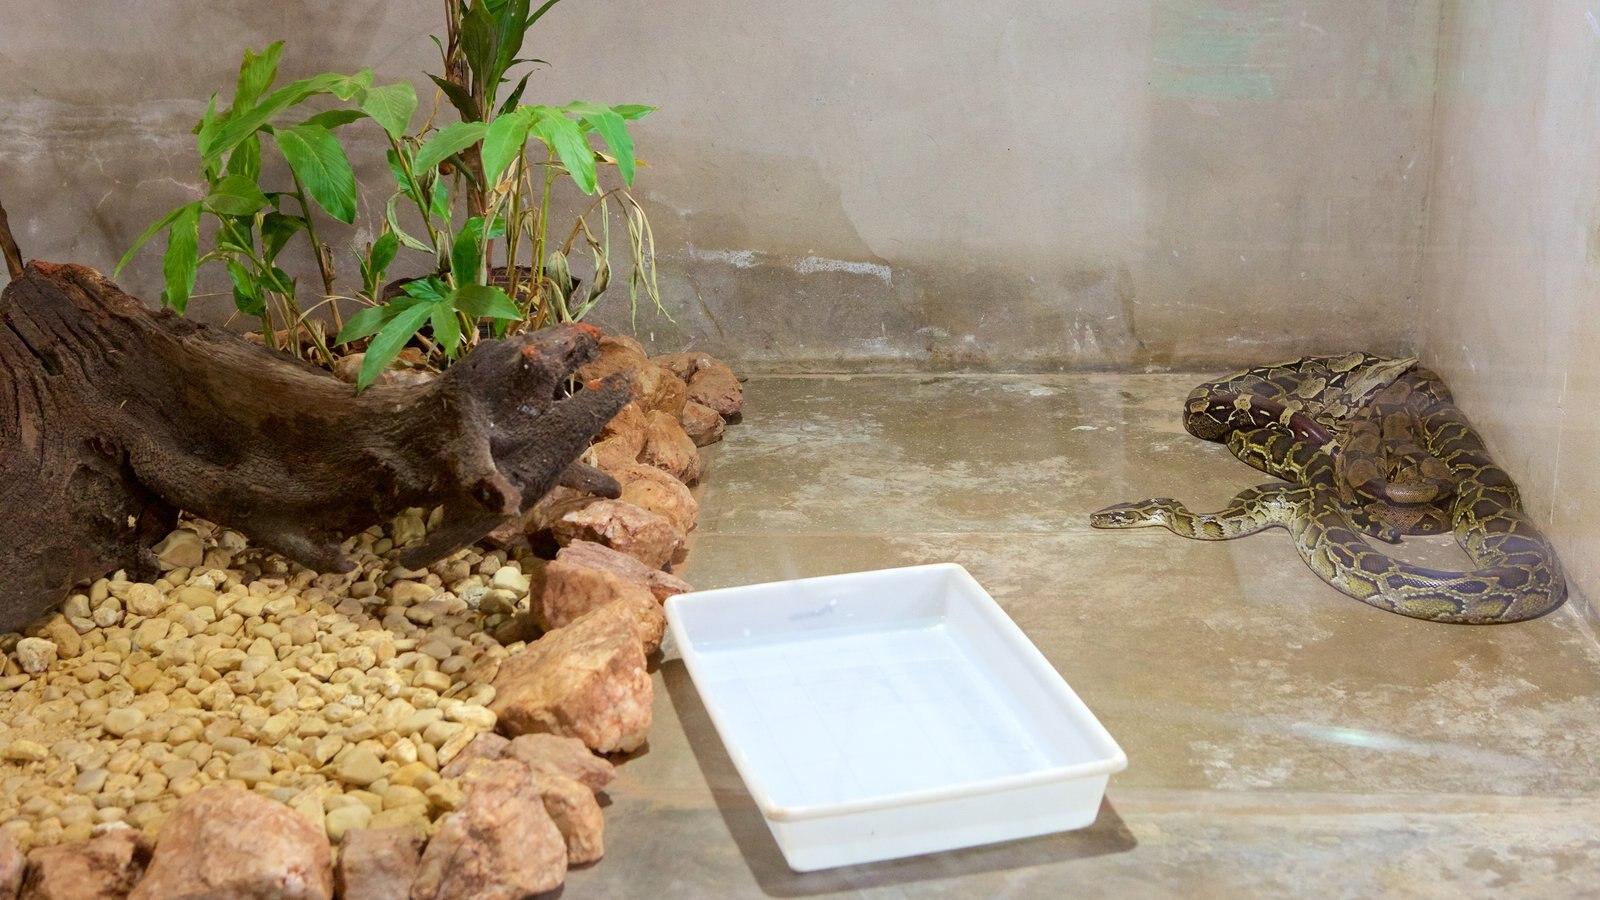 Projeto Jiboia caracterizando animais perigosos, animais de zoológico e vistas internas